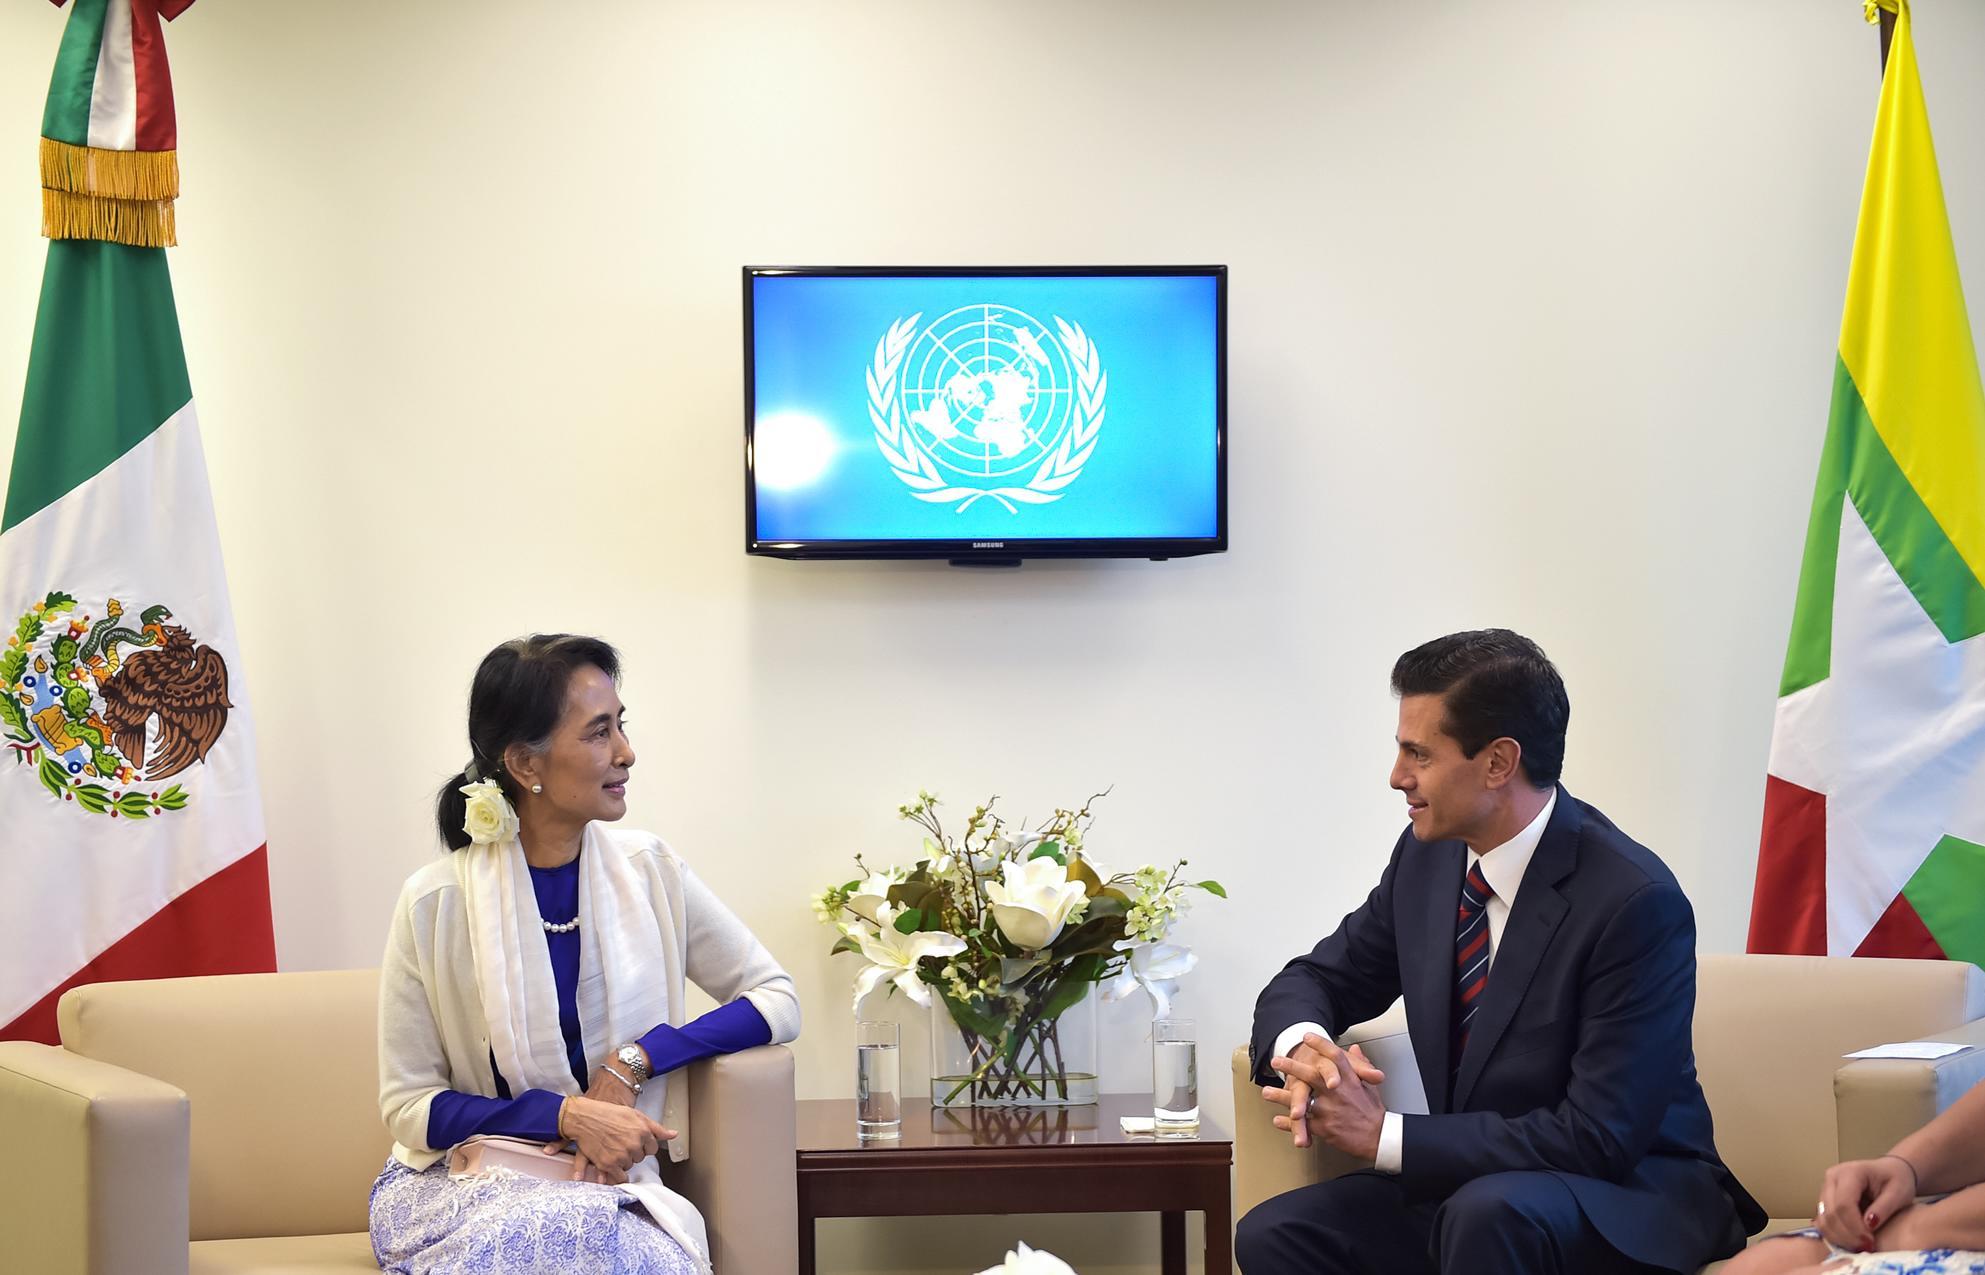 La Sra. Aung San Suu Kyi, recibió el Premio Nobel de la Paz en 1991.